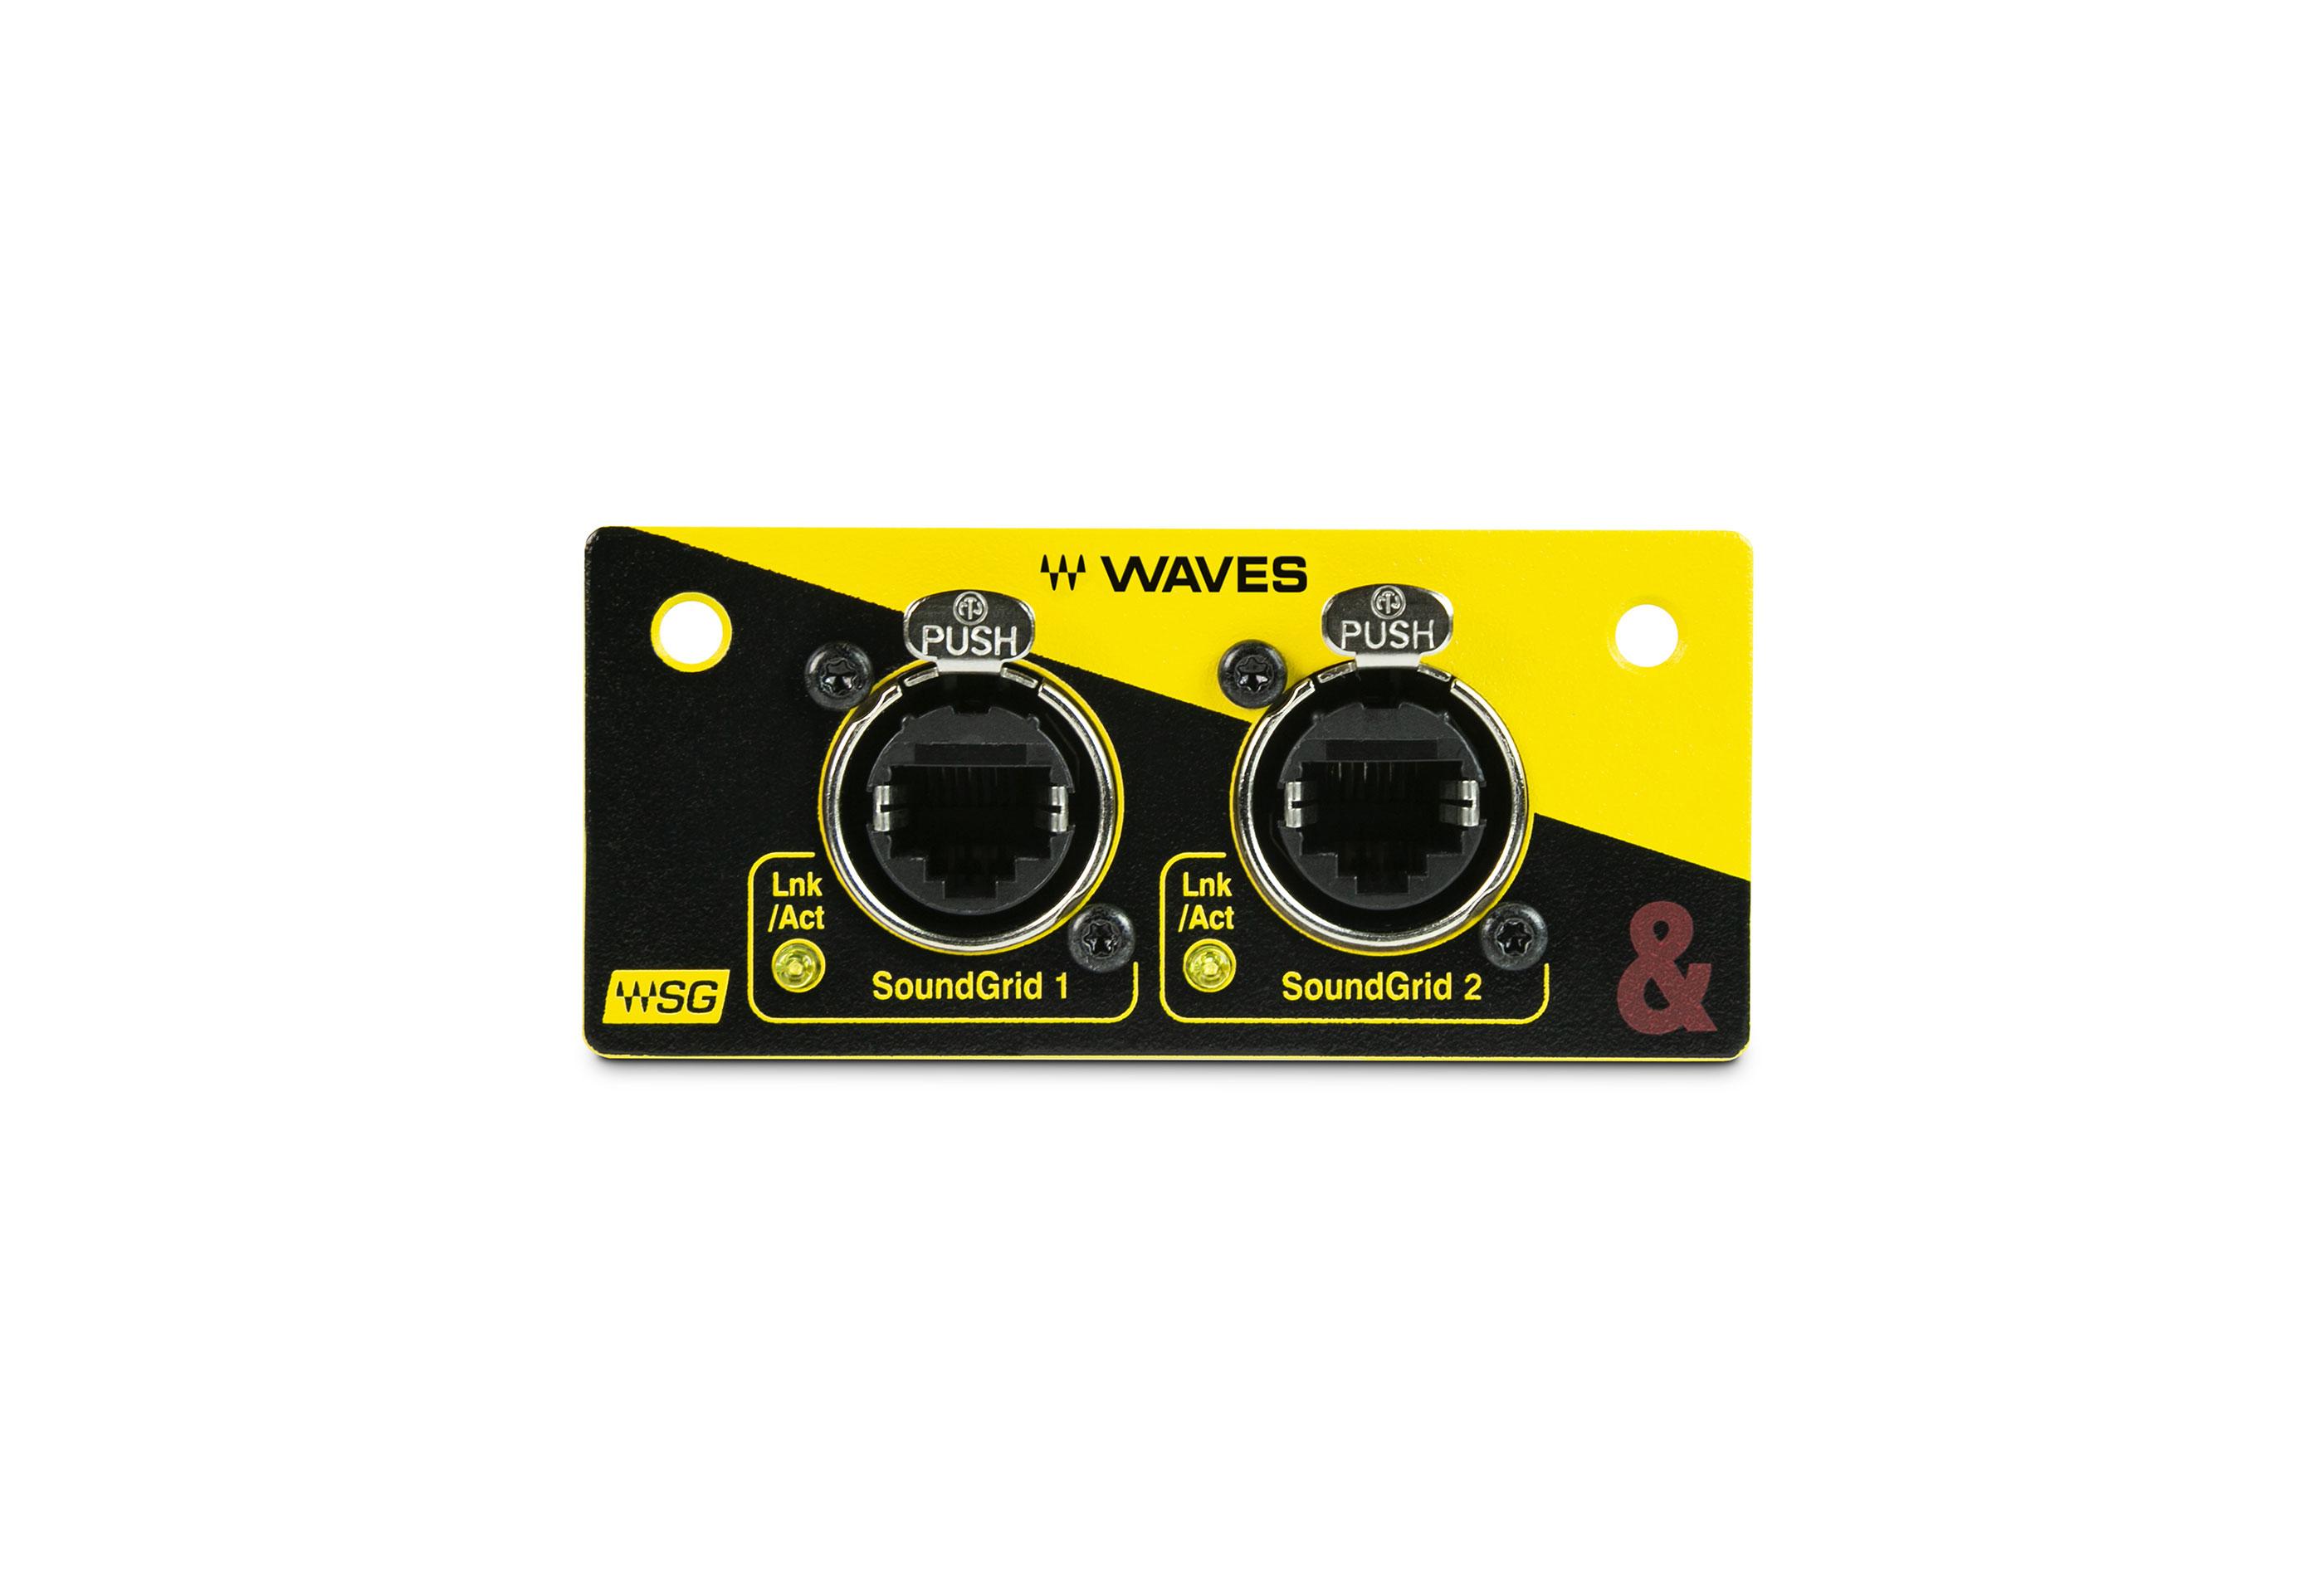 Периферия для микшеров - купить по актуальным ценам, заказать качественную звуковую аппаратуру в интернет магазине LuxPRO